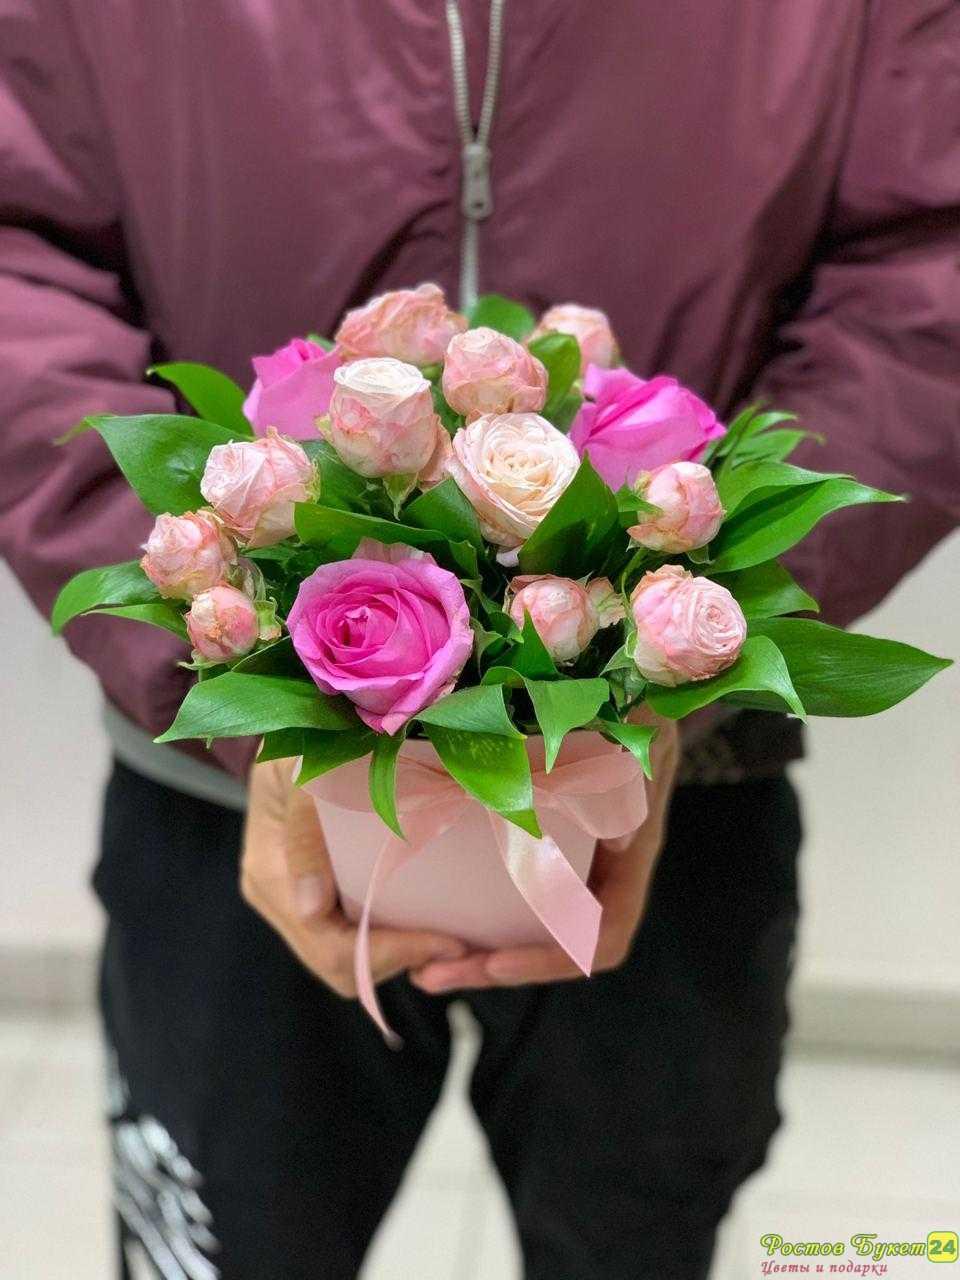 Доставка цветов азов с кулешовка купить комнатные цветы в астане